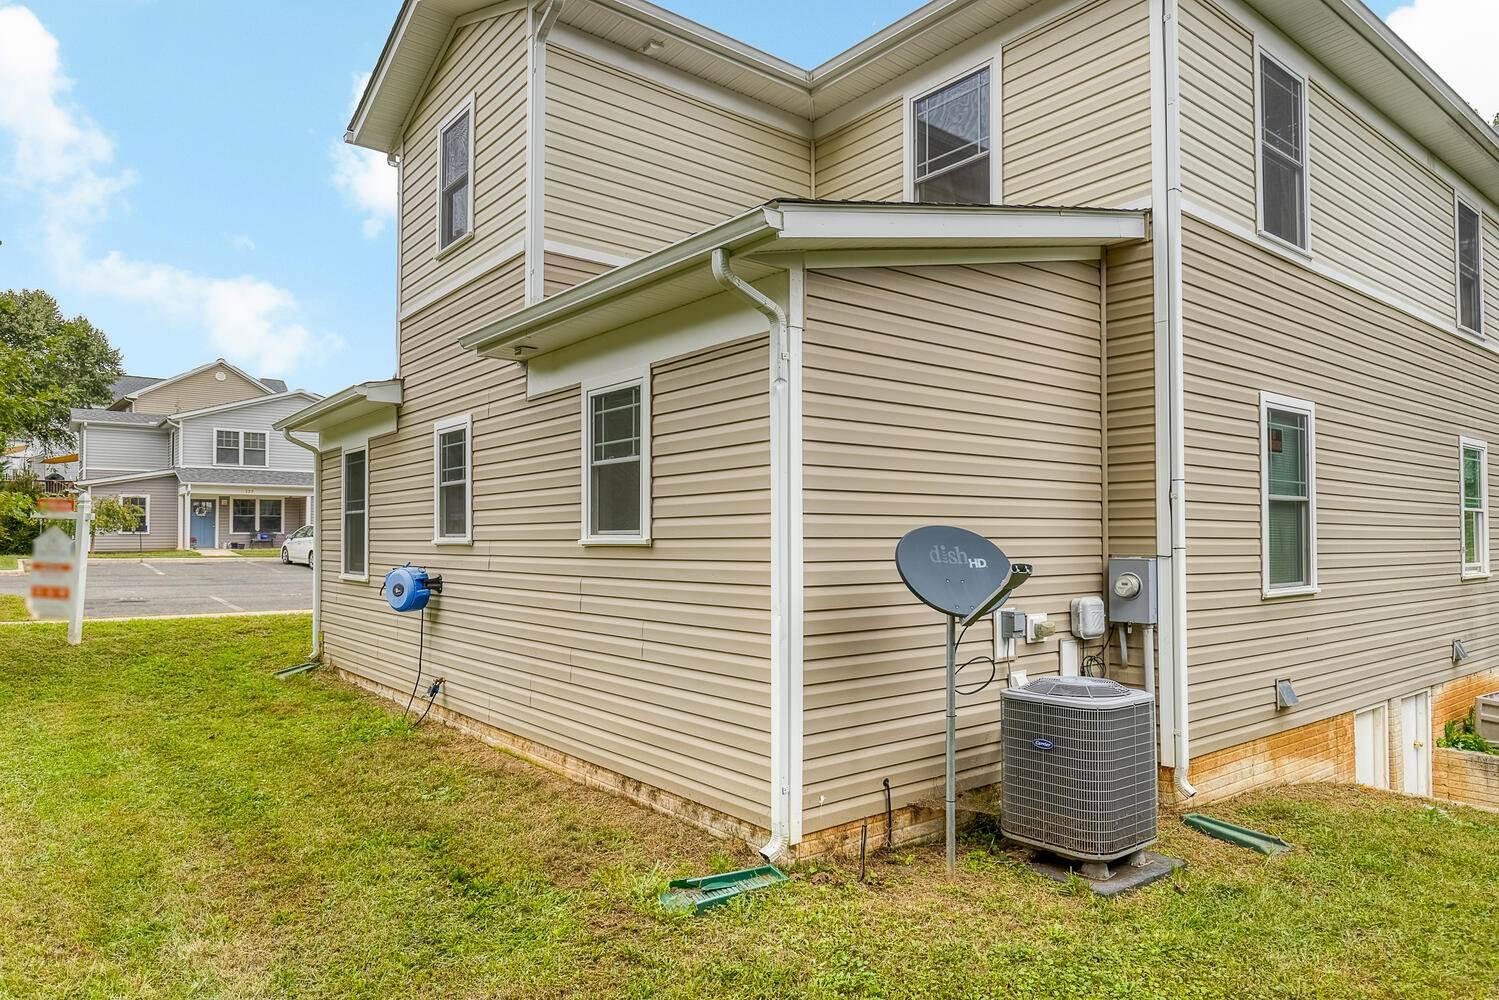 122 Flikeid Ln, Warrenton, VA 20186